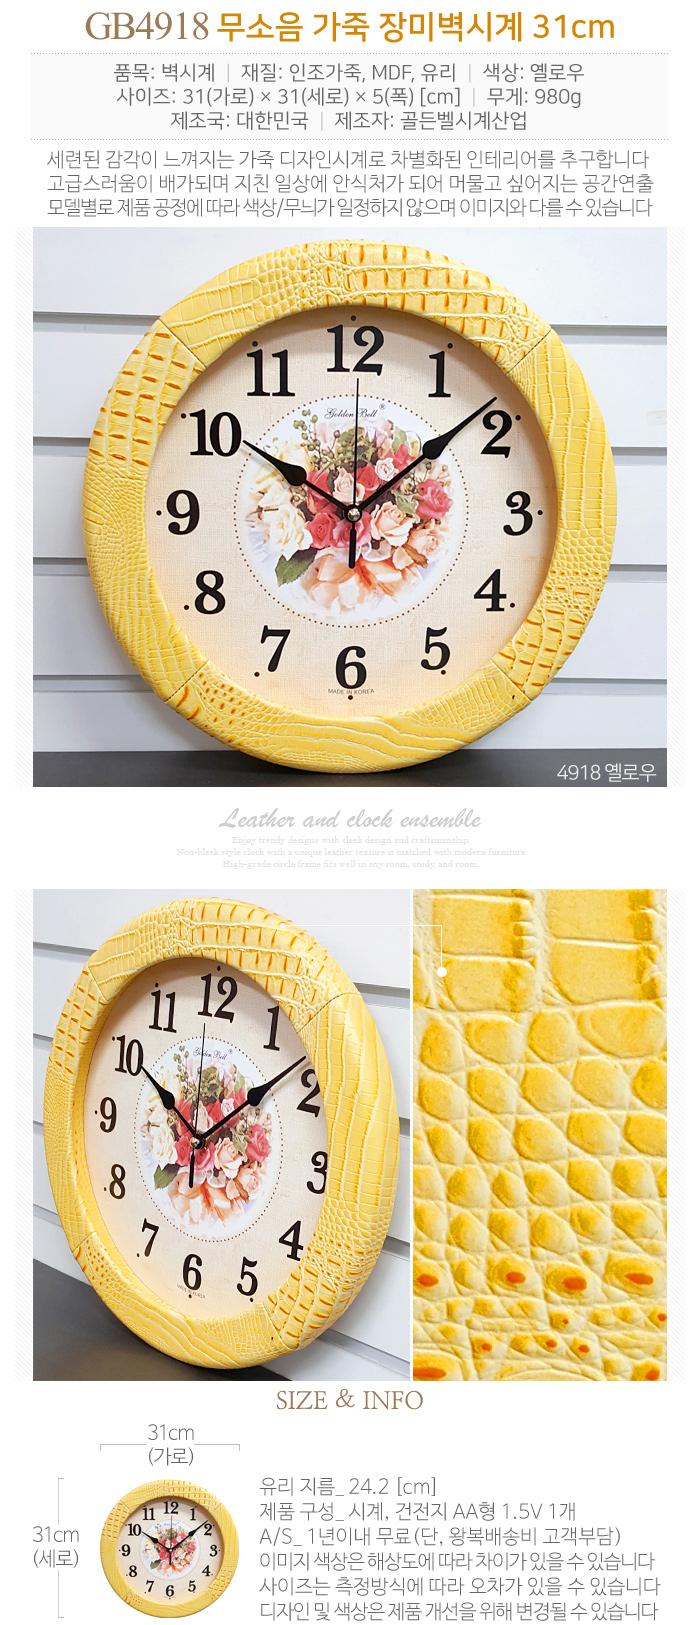 무소음 가죽 장미 벽시계 31cm (3종) - 골든벨시계, 75,000원, 벽시계, 무소음/저소음